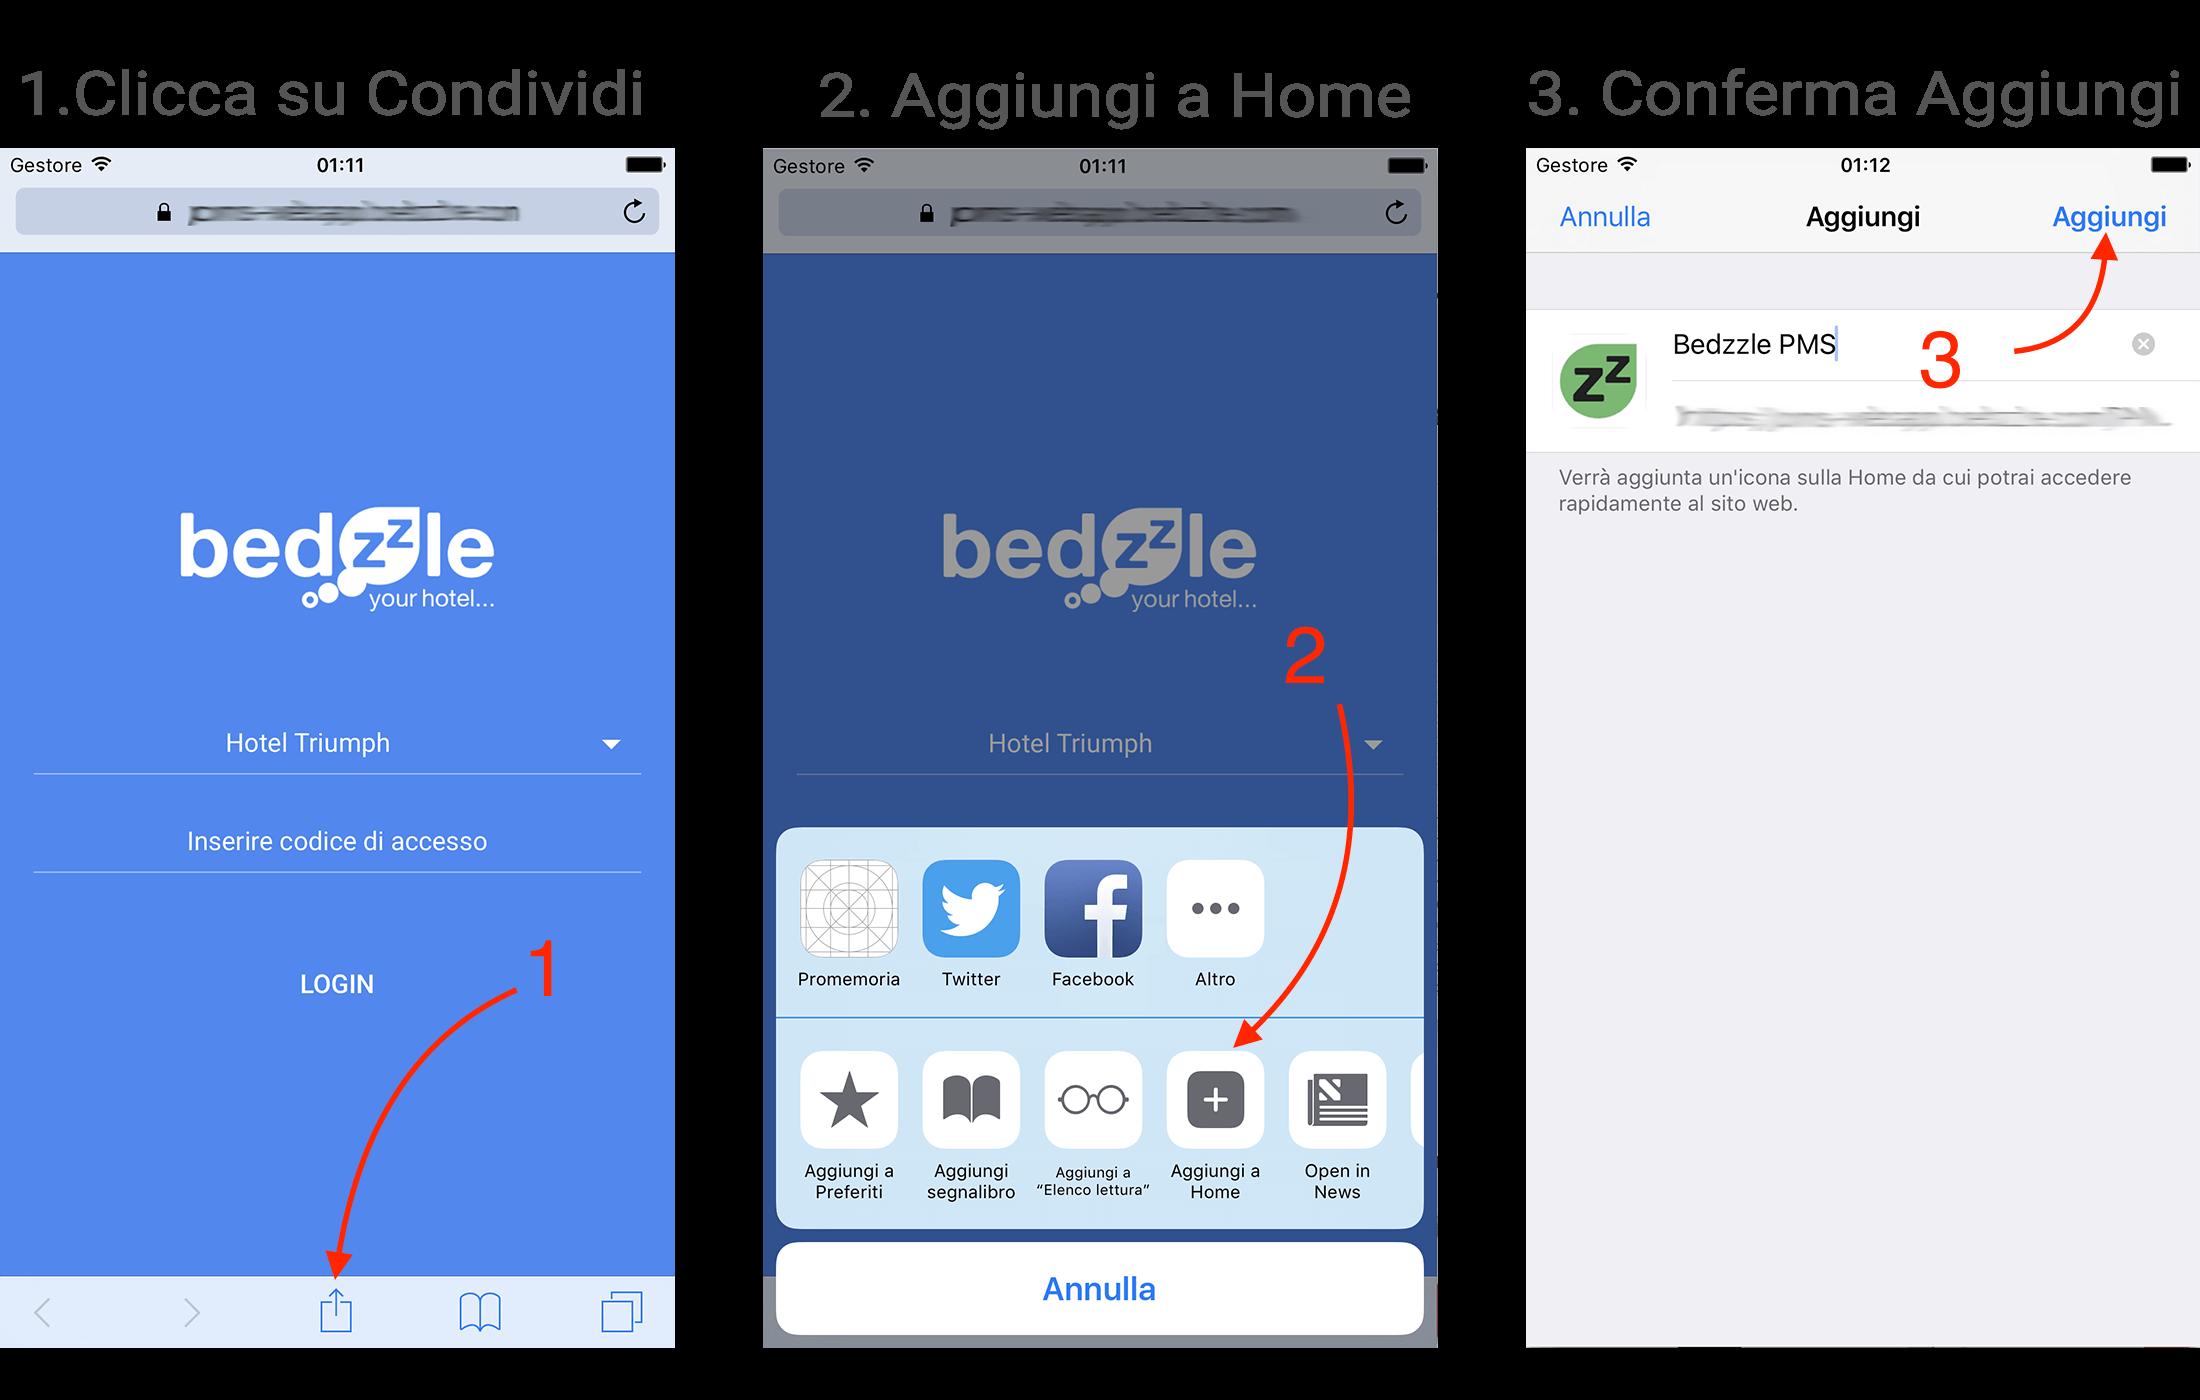 Bedzzle PMS GO link accesso Aggiungi a schermata Home Safari Iphone e Ipad